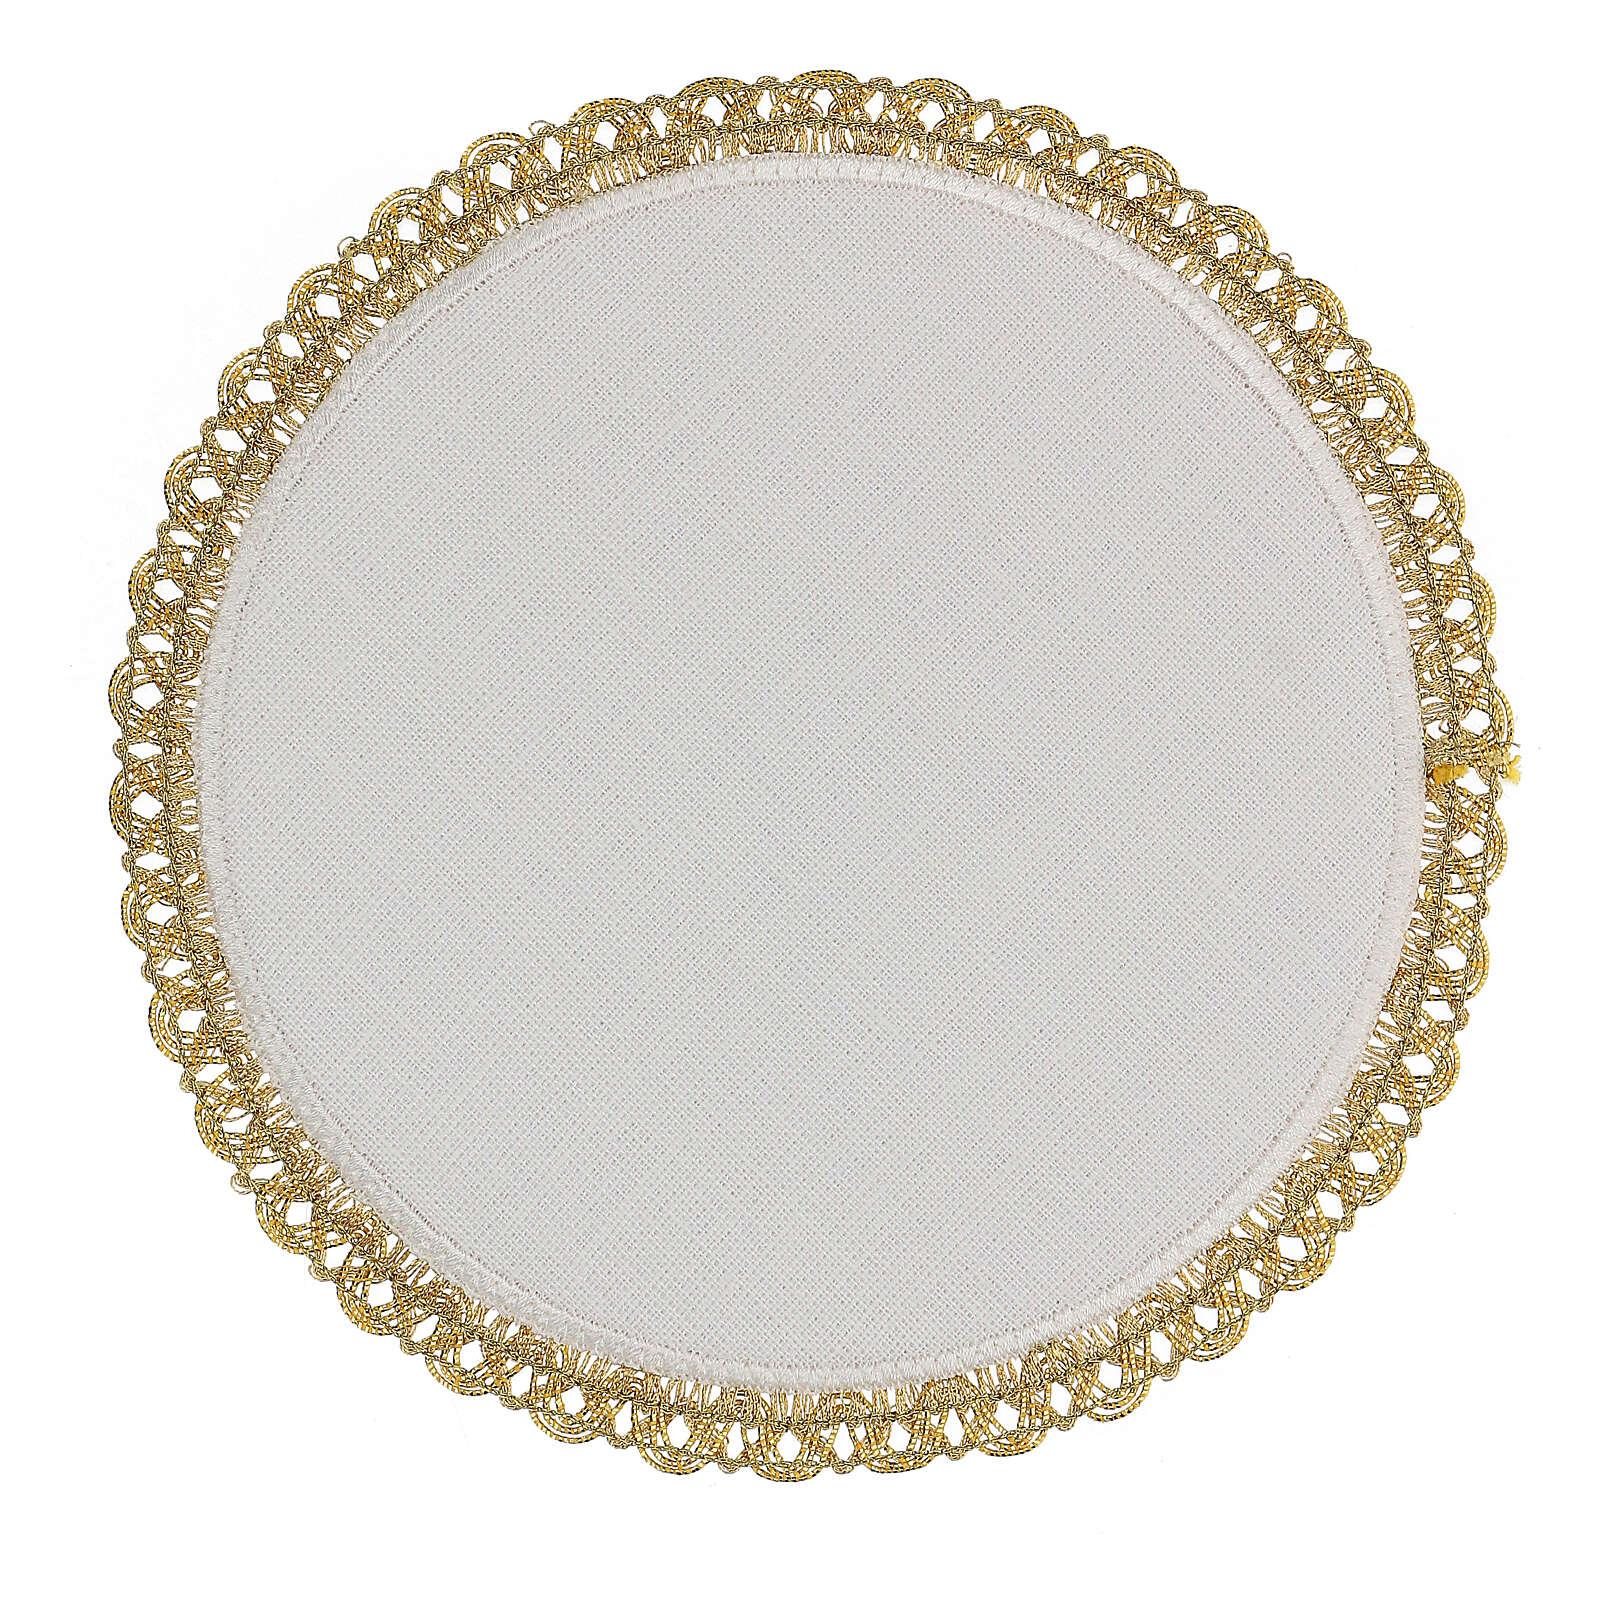 Servizio messa 4 pz. 100% LINO tondo ricami decori oro Limited Edition 4